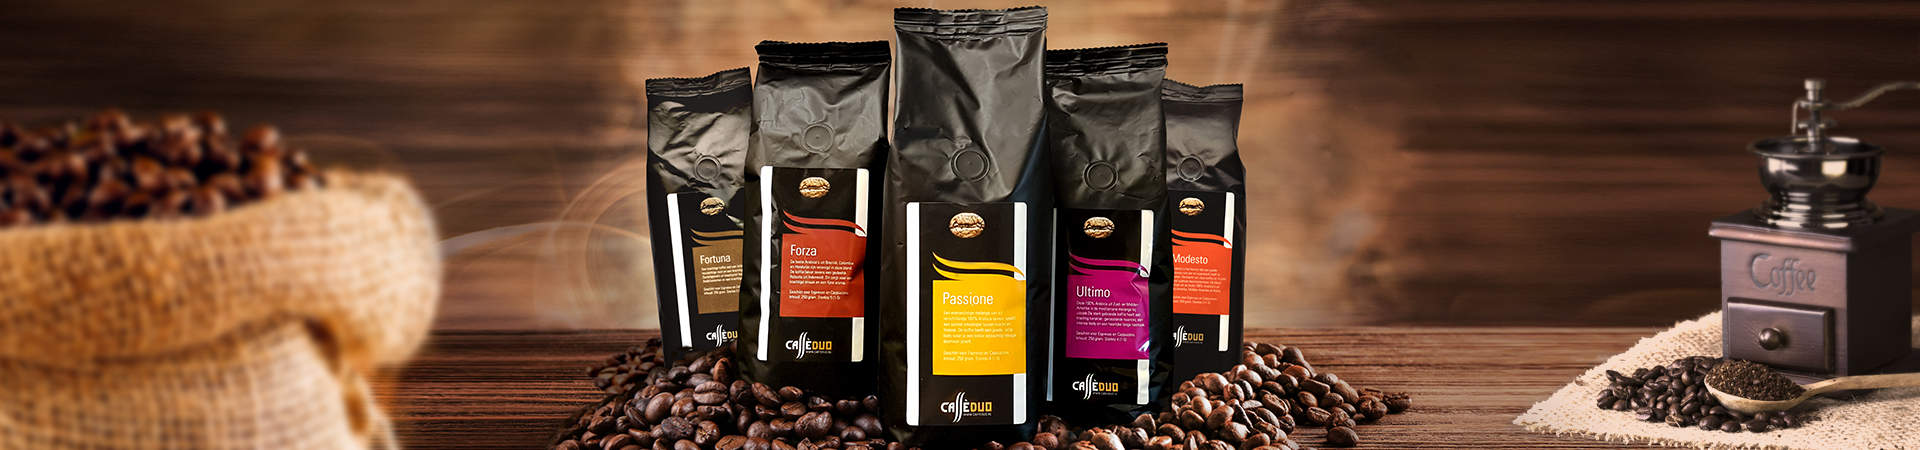 caffeduo_categorie_proefpakketten